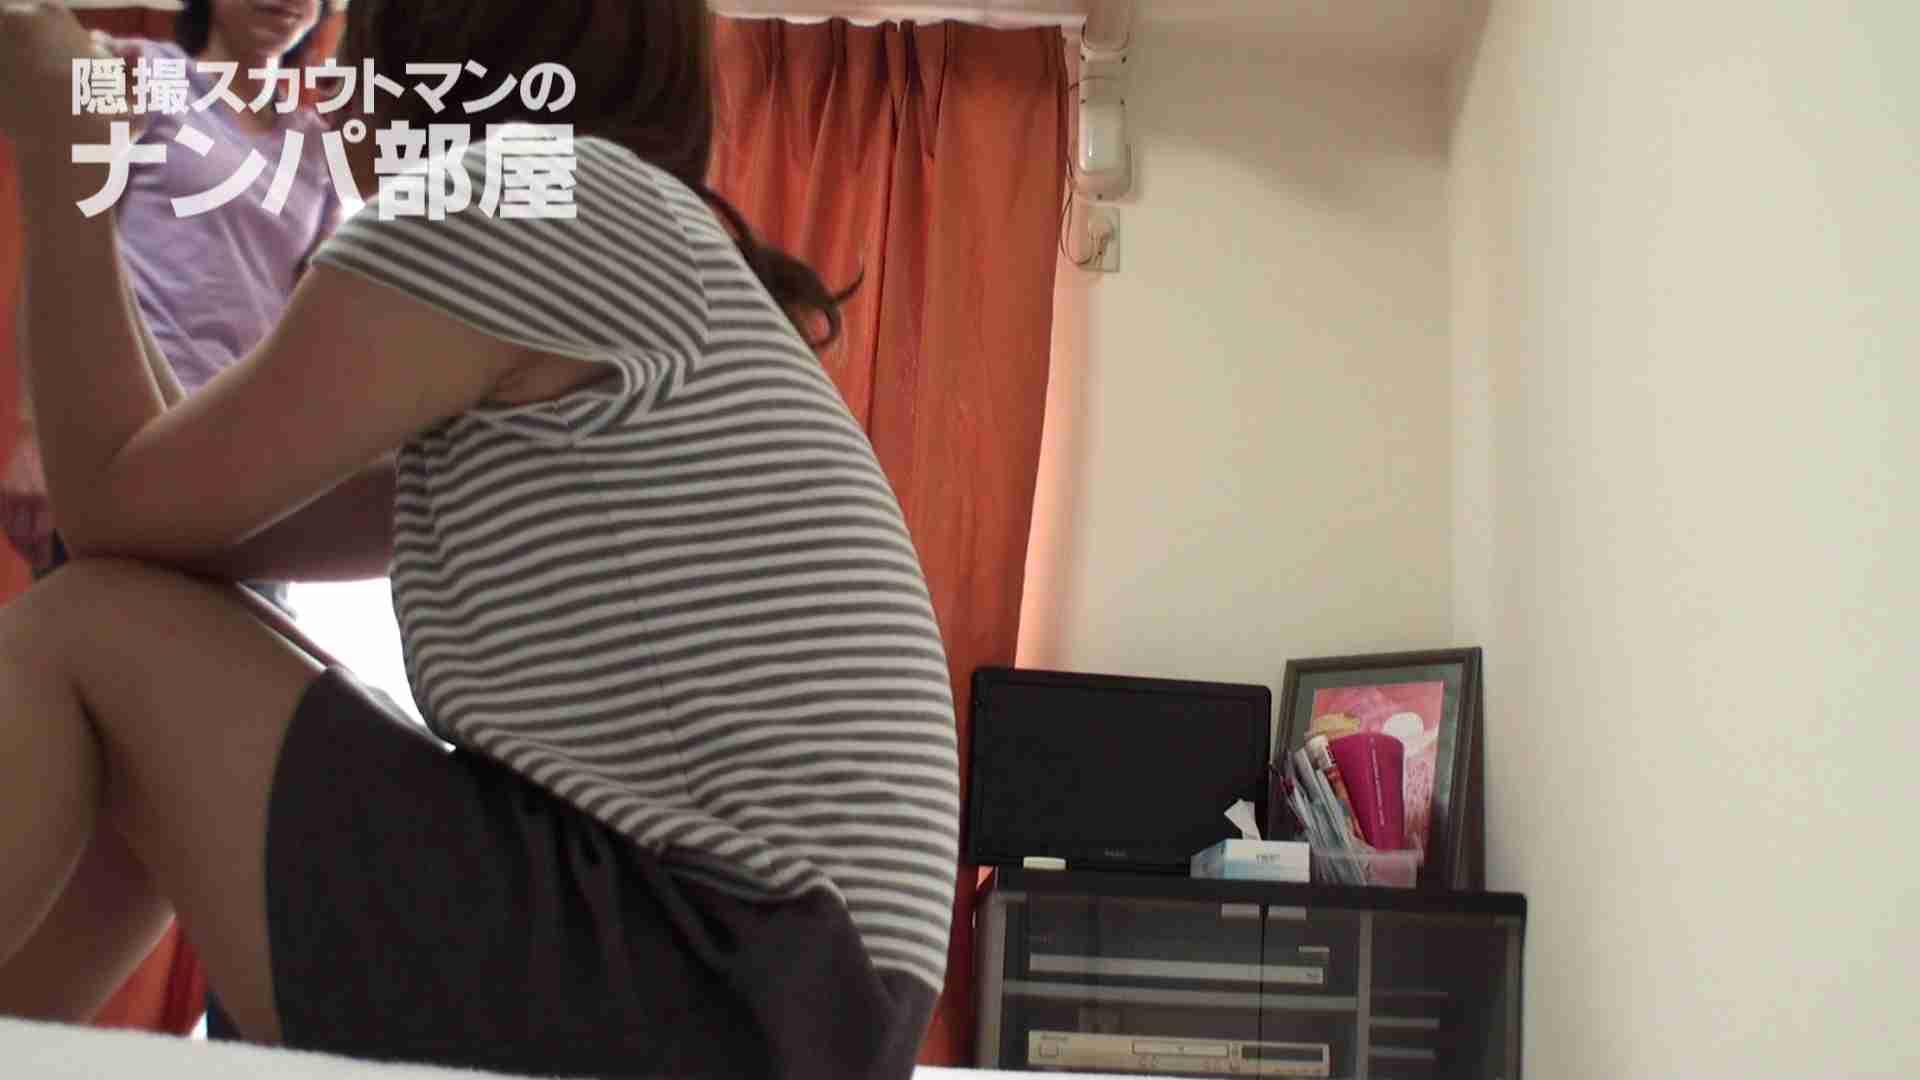 隠撮スカウトマンのナンパ部屋~風俗デビュー前のつまみ食い~ siivol.3 エッチなOL | ナンパ  74pic 9